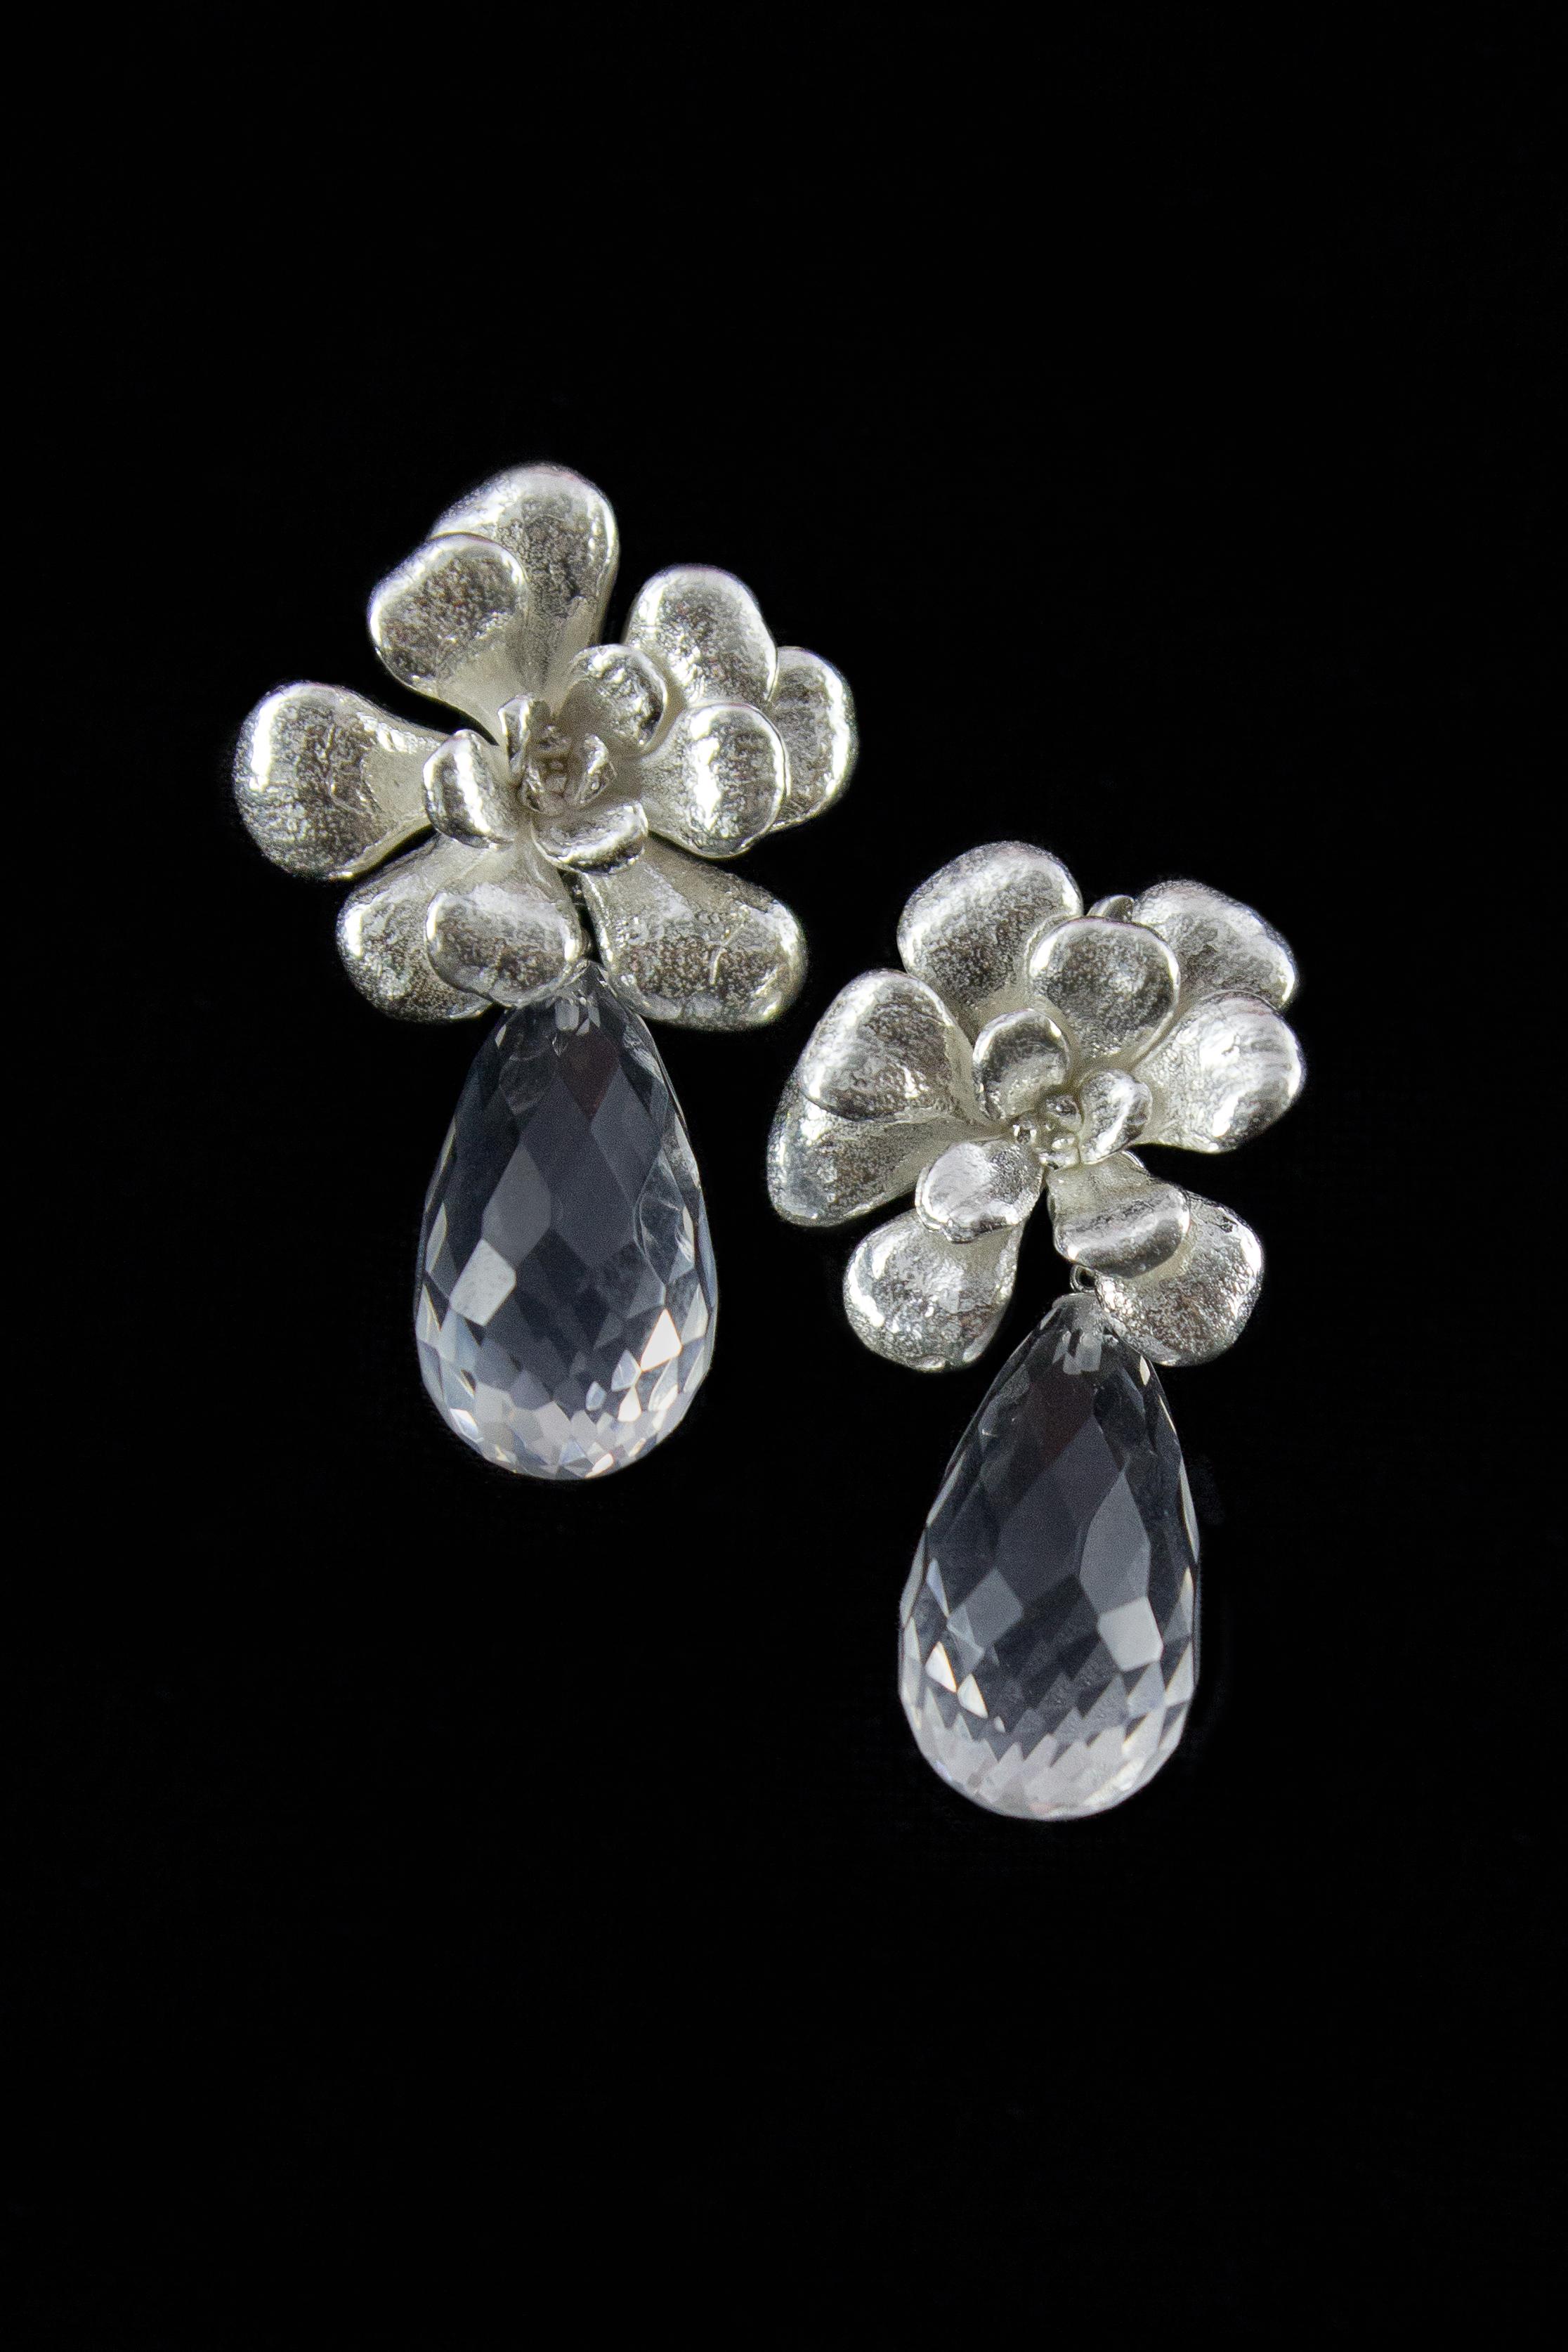 Succulent and Rock Crystals drops